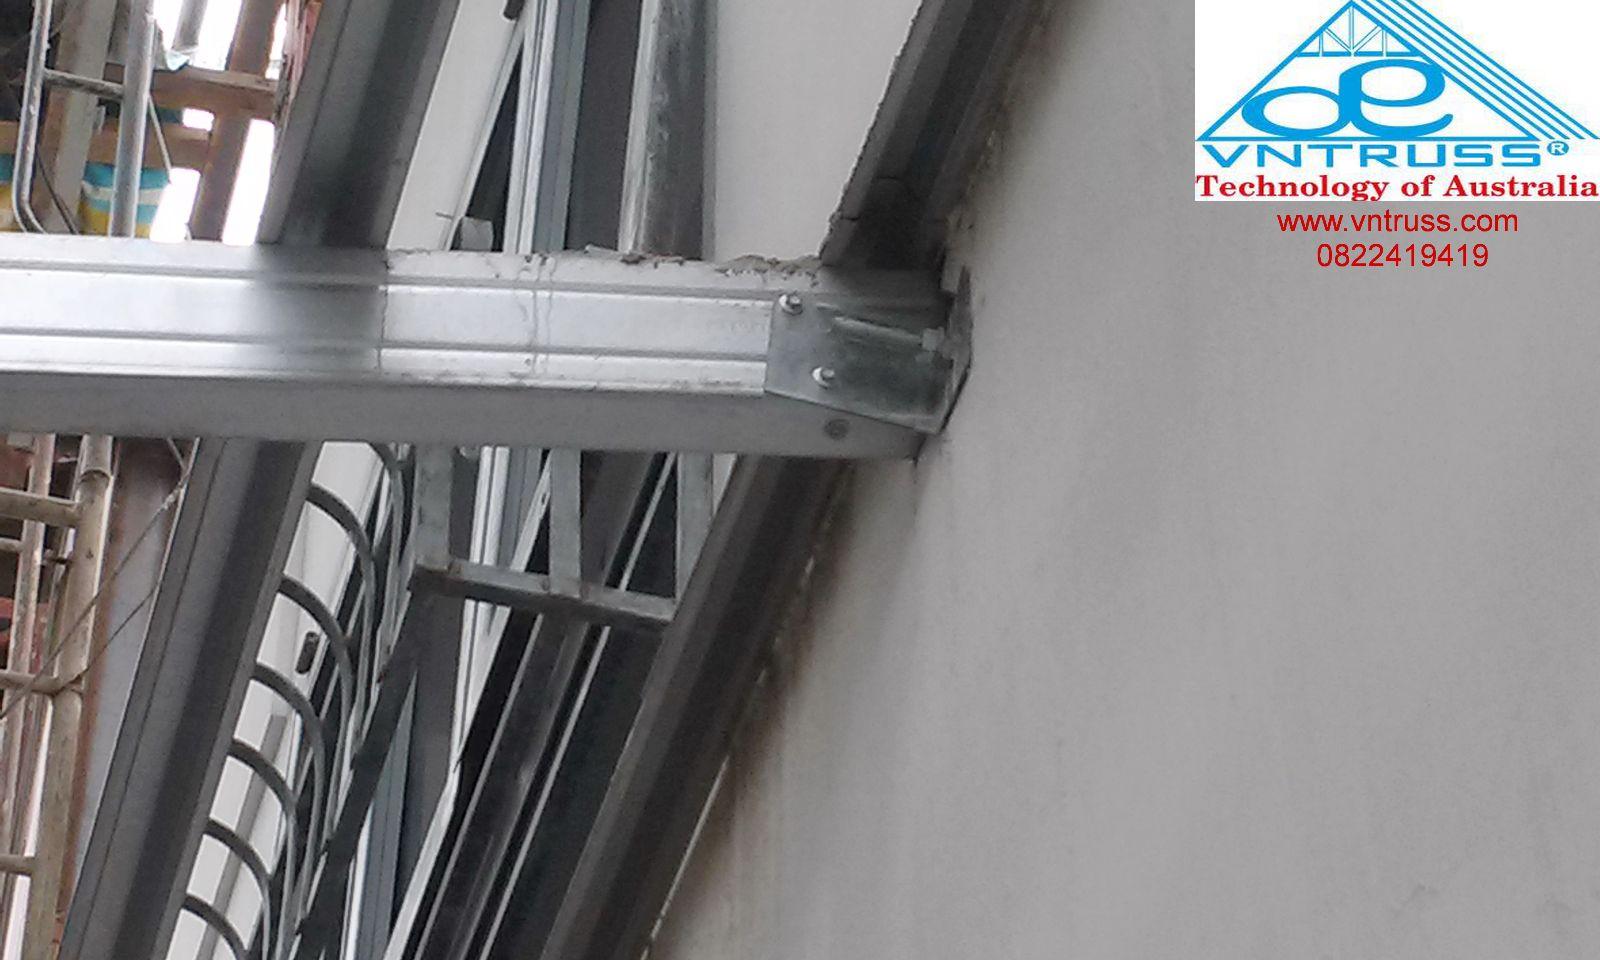 thi công giàn khung xà gồ thép cho kết cấu mái nhà lợp ngói siêu nhẹ